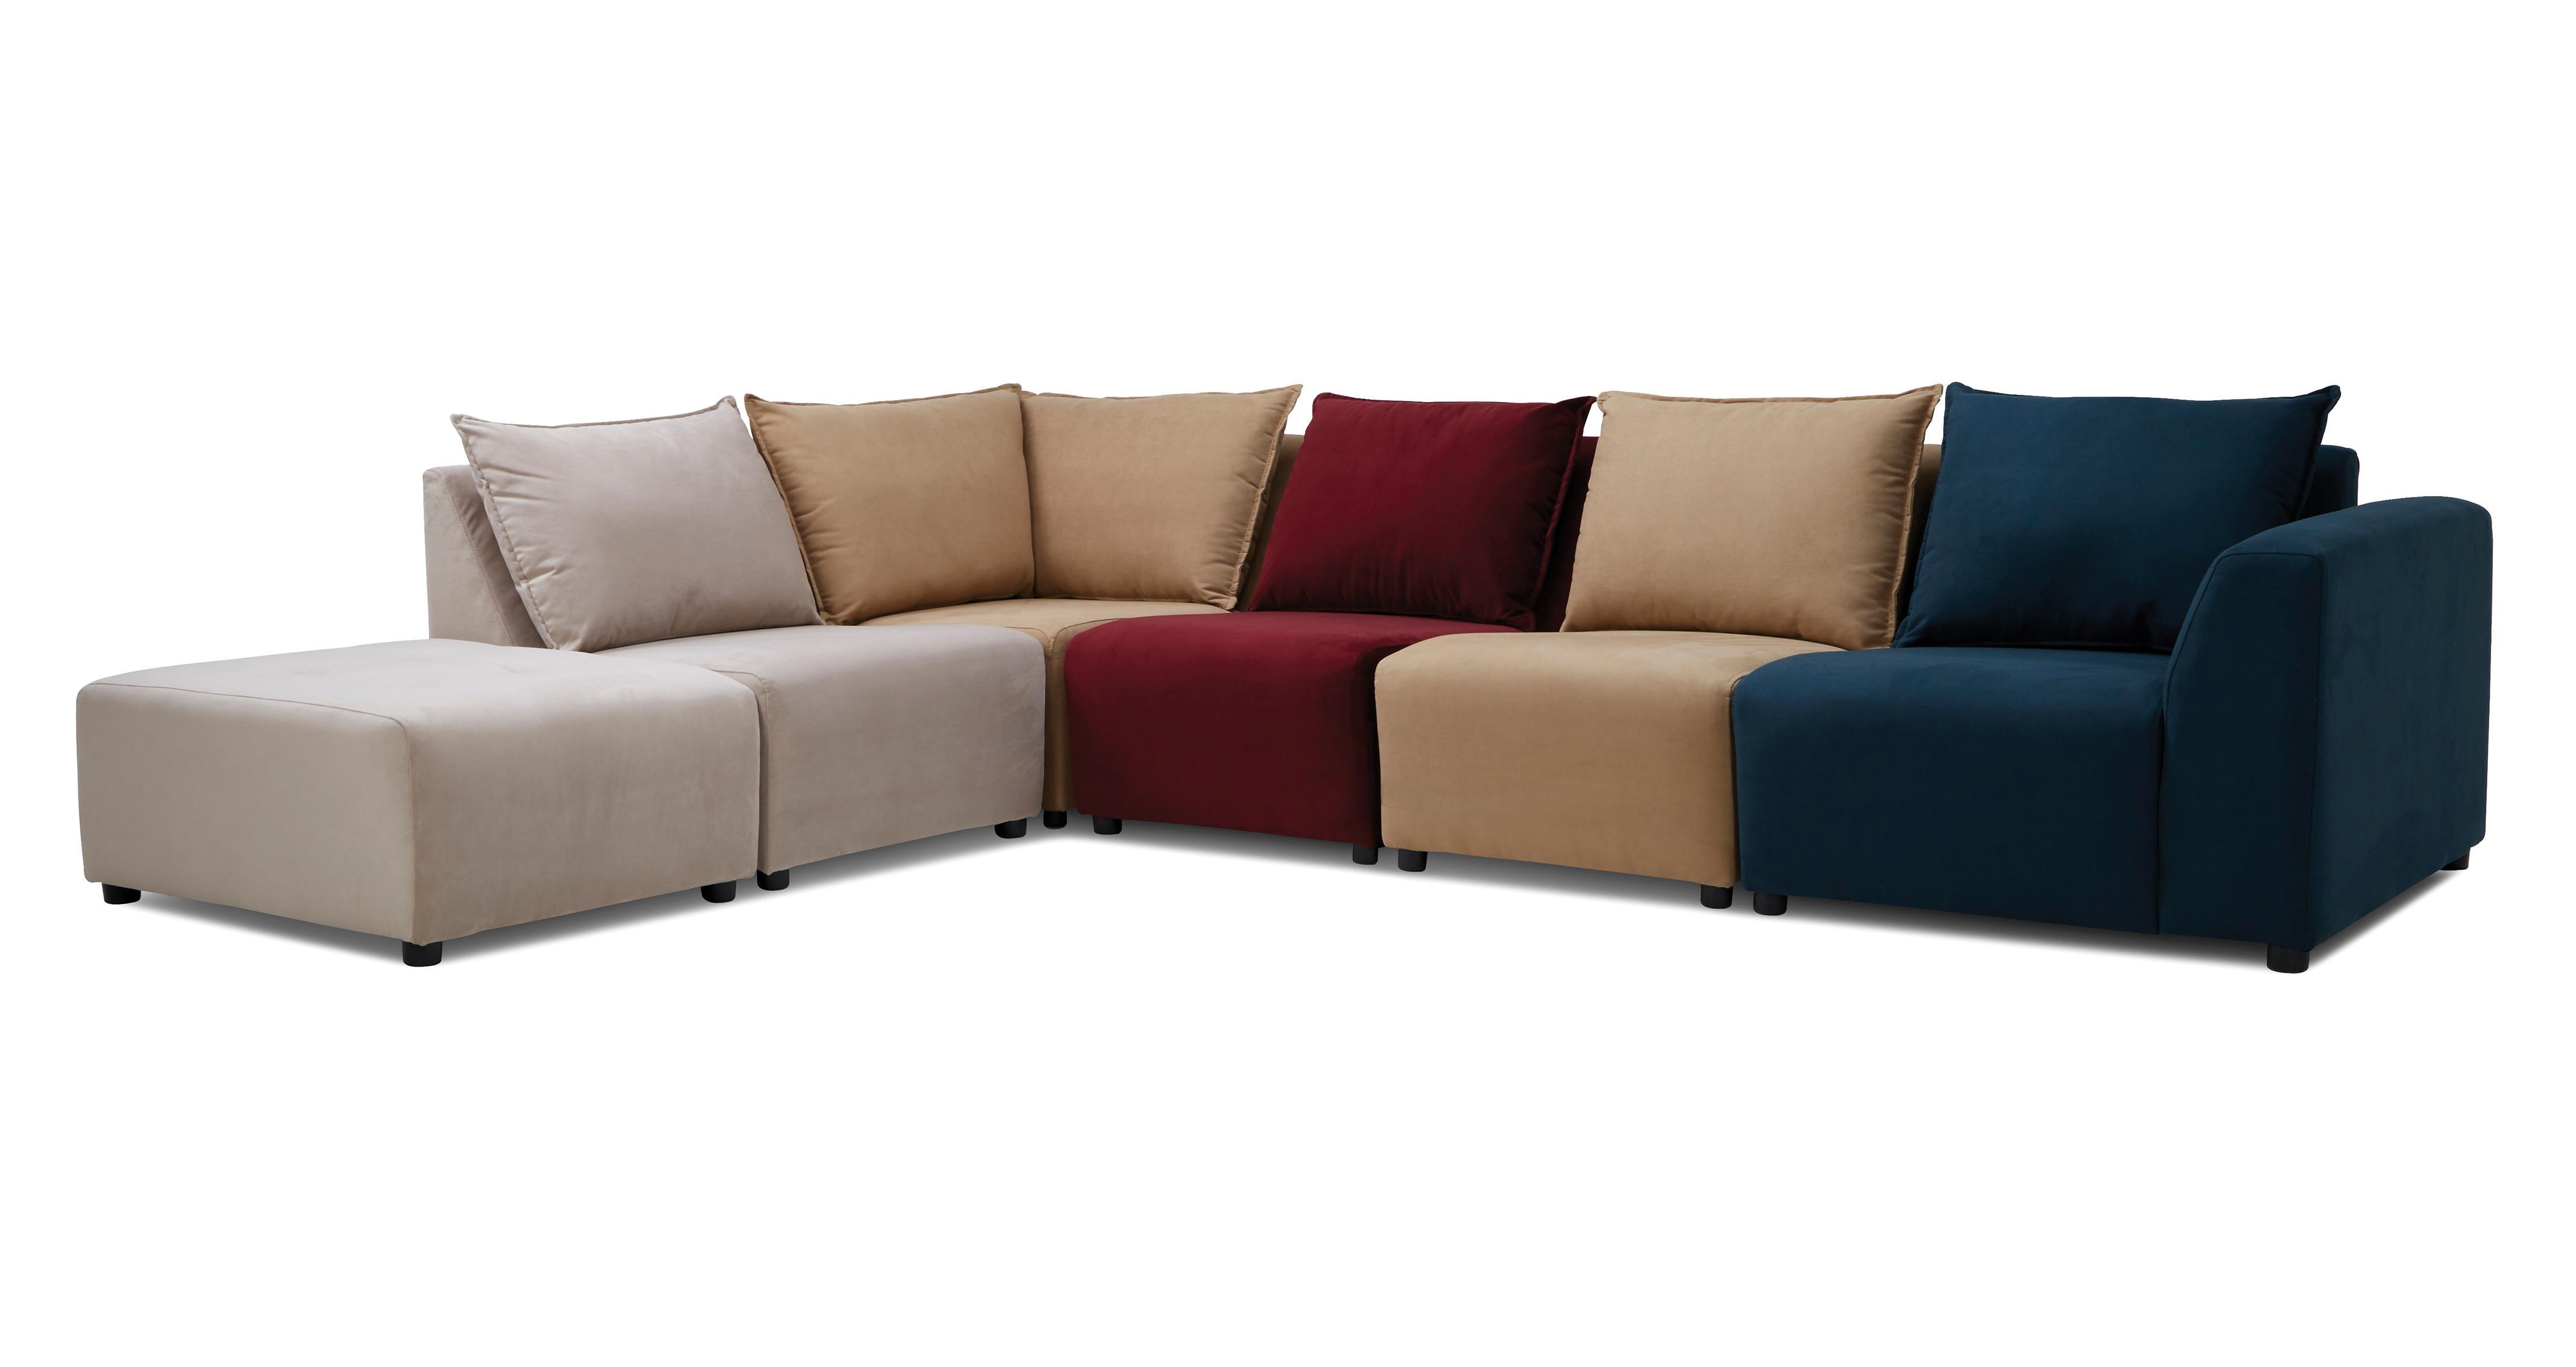 Zania: Plain Zania Right Hand Facing Arm Corner Sofa